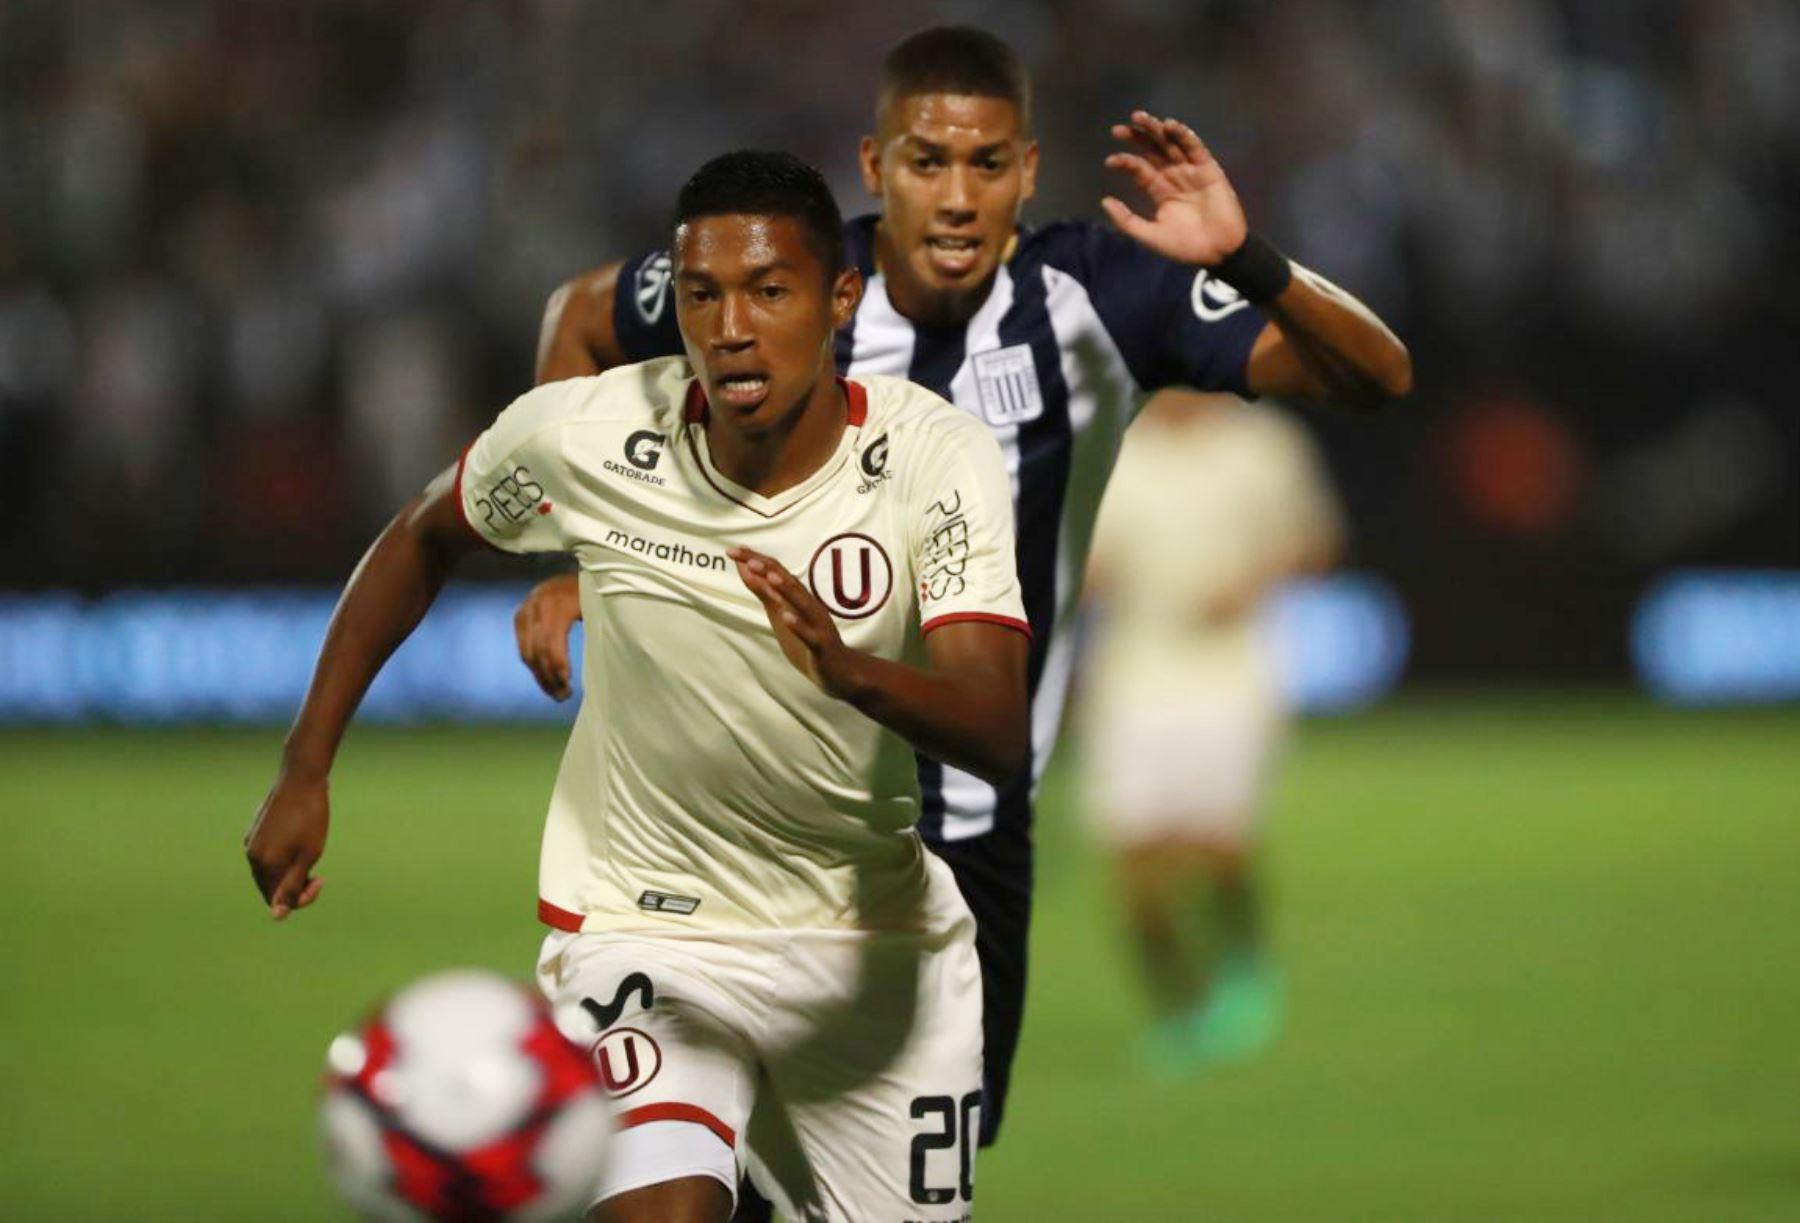 Foto: Gobierno autorizó el regreso del fútbol profesional siguiendo un protocolo por la COVID-19 / Fuente: Andina